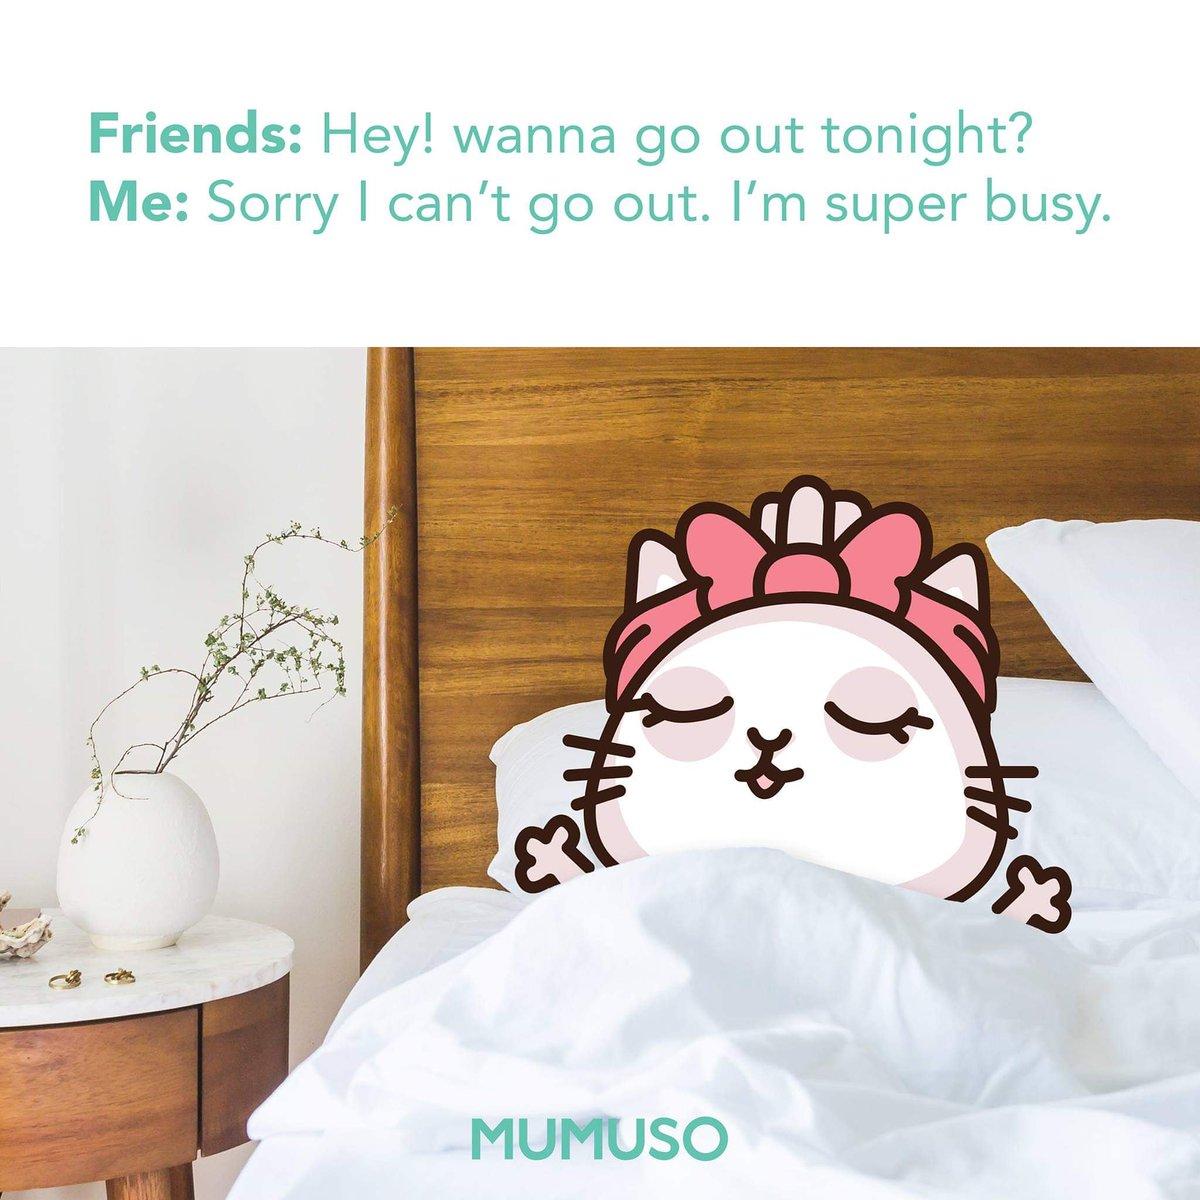 Me this weekend! 😄  #Mumuso